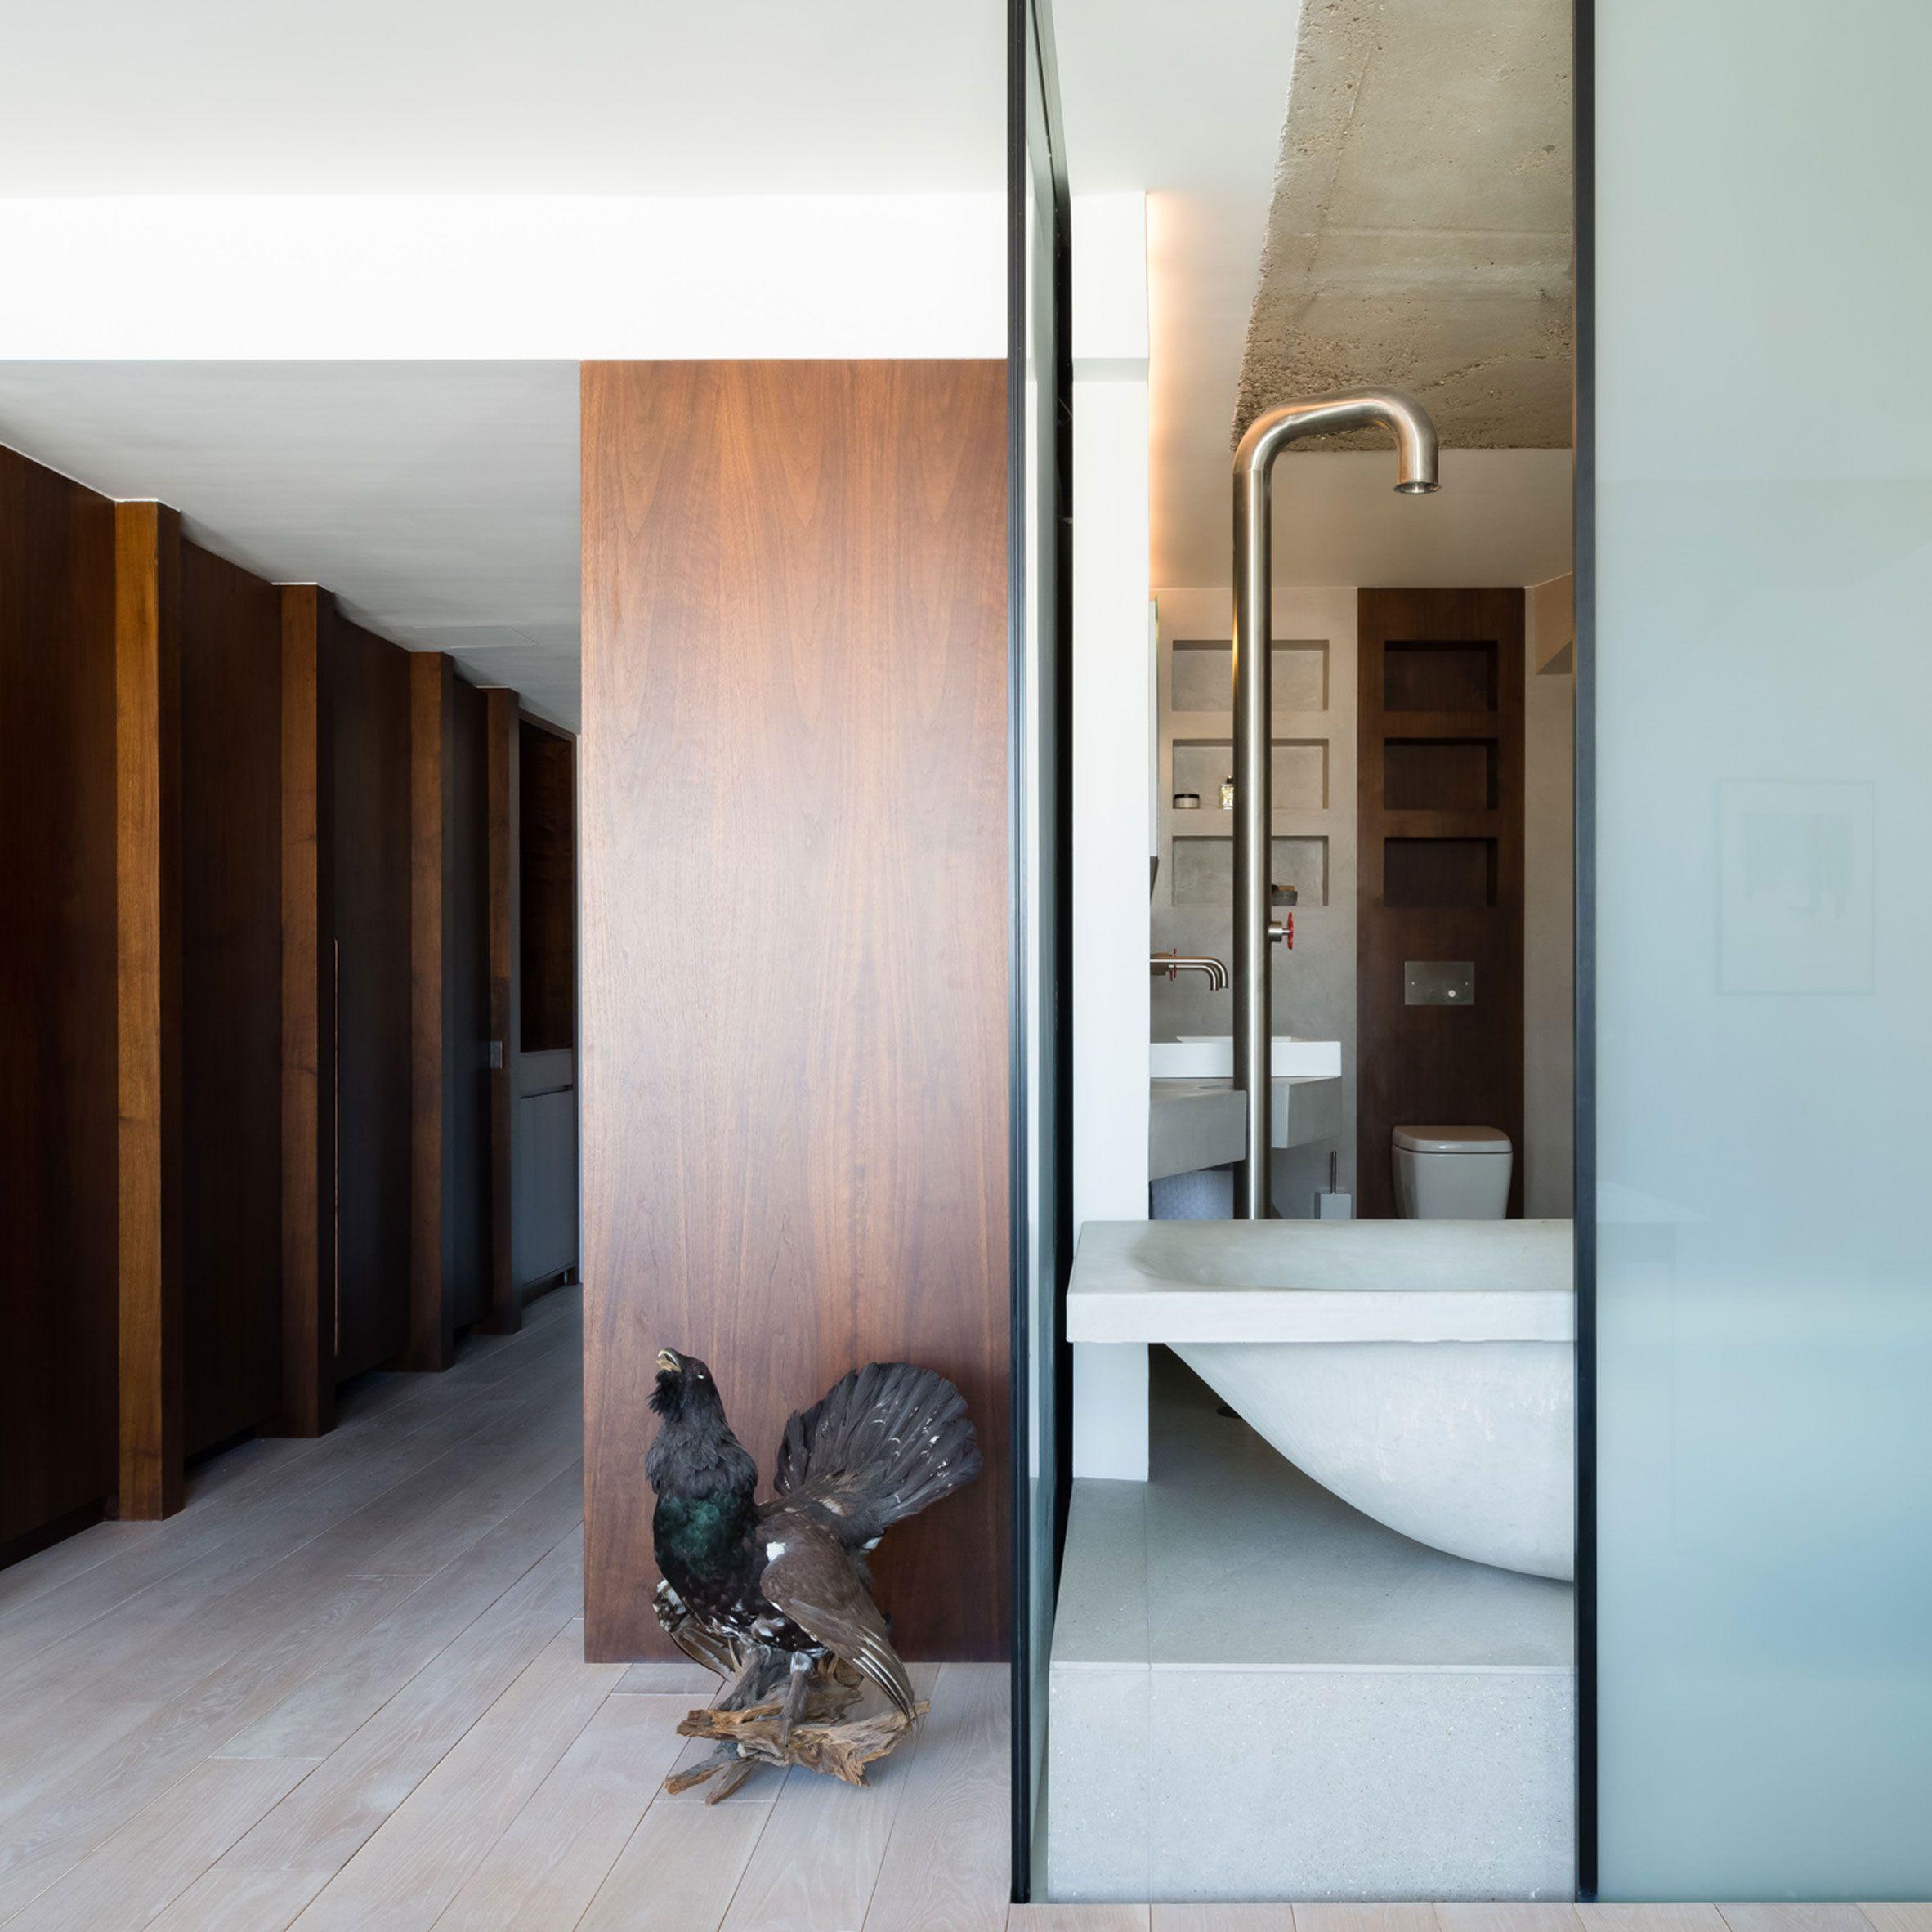 london flat by the klassnik corporation centres around a concrete bath - Concrete Apartment 2016